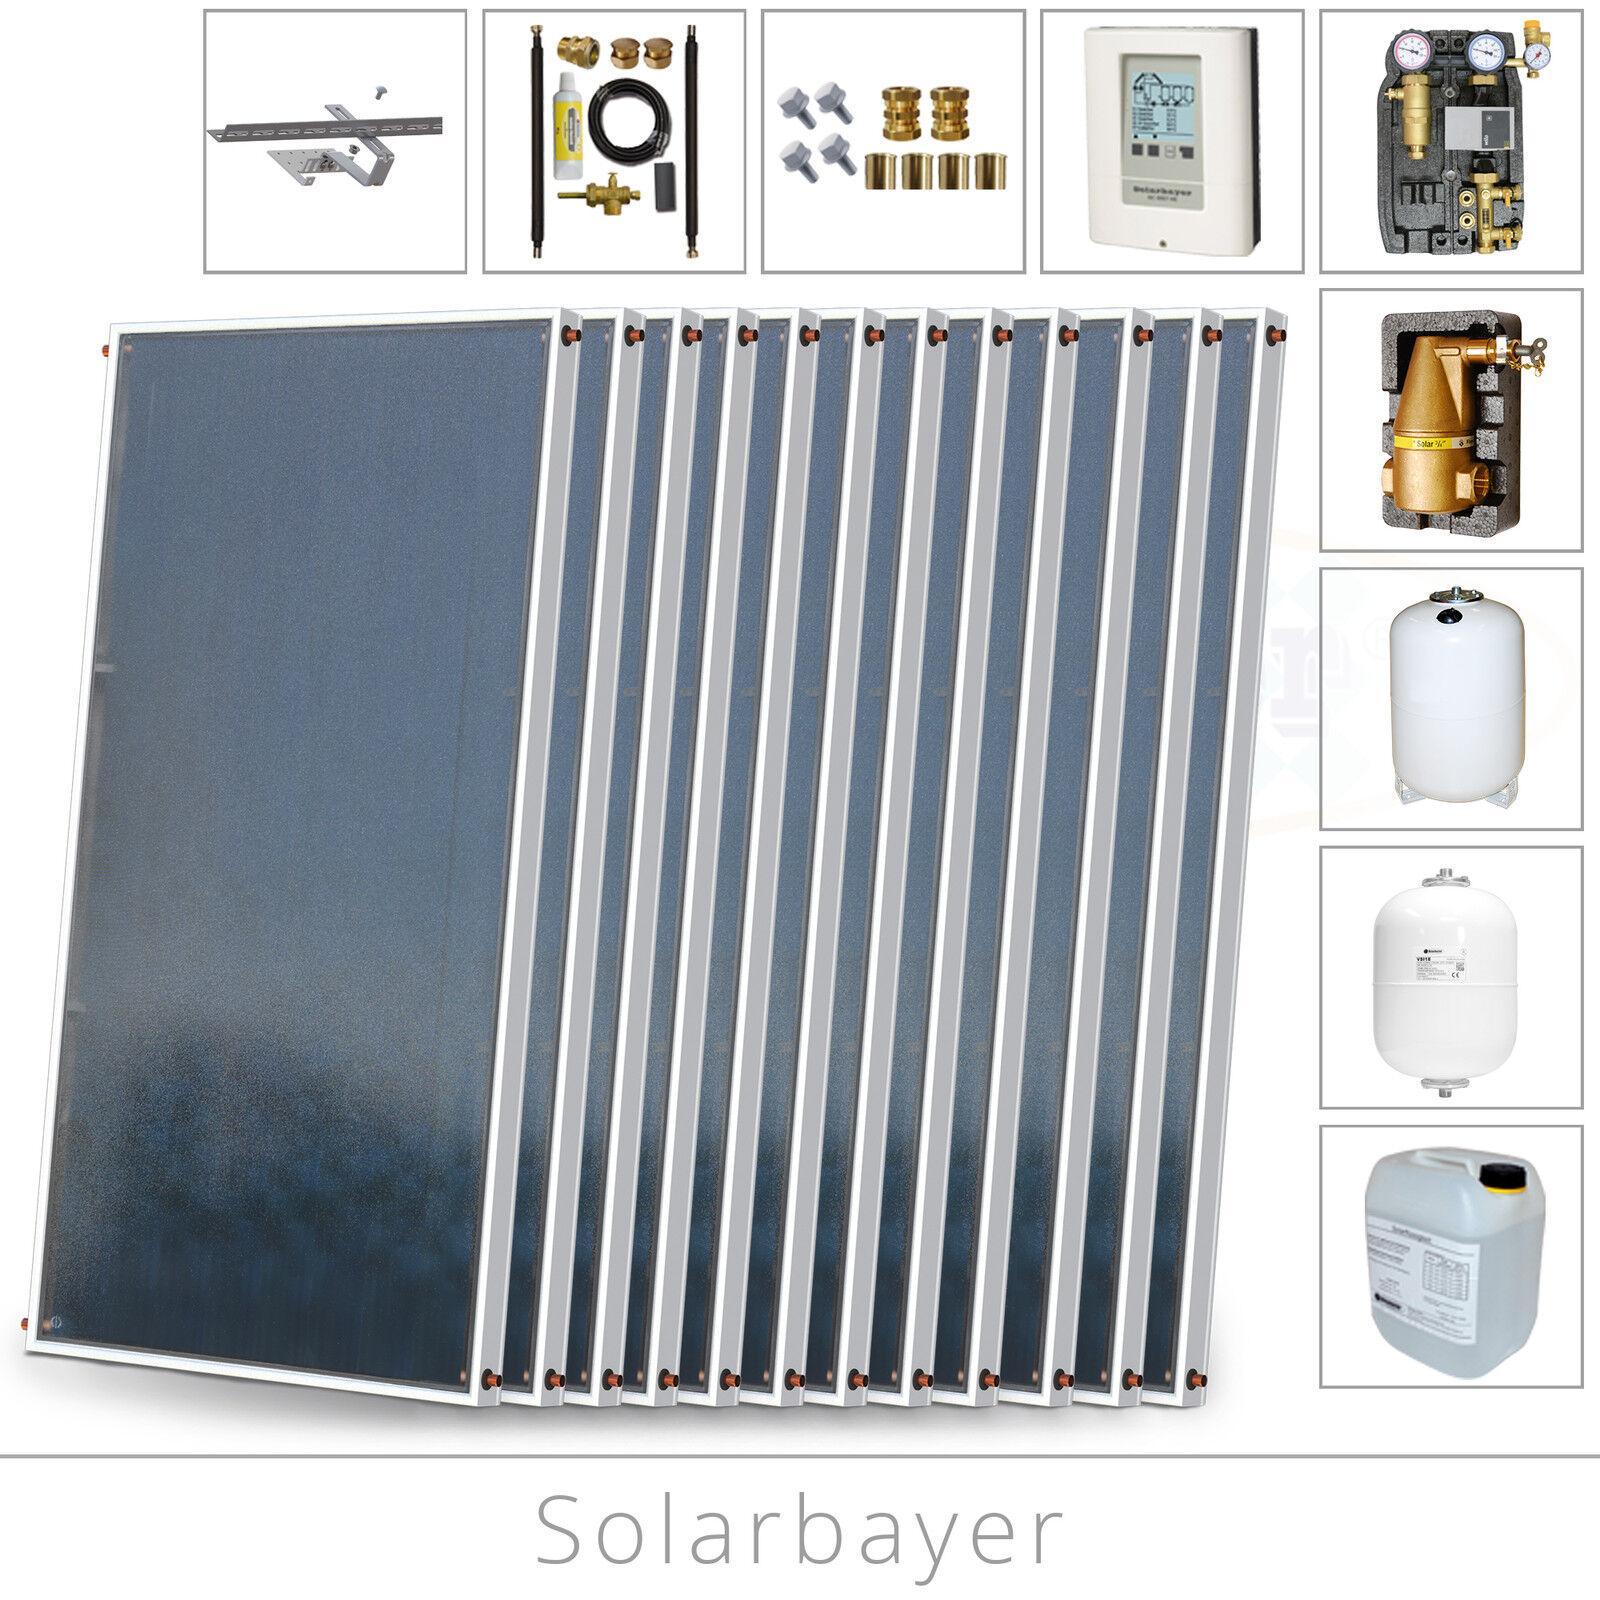 Solarbayer Solarwärme Solarpaket 24,24m² Solaranlage für Warmwasser + Heizung